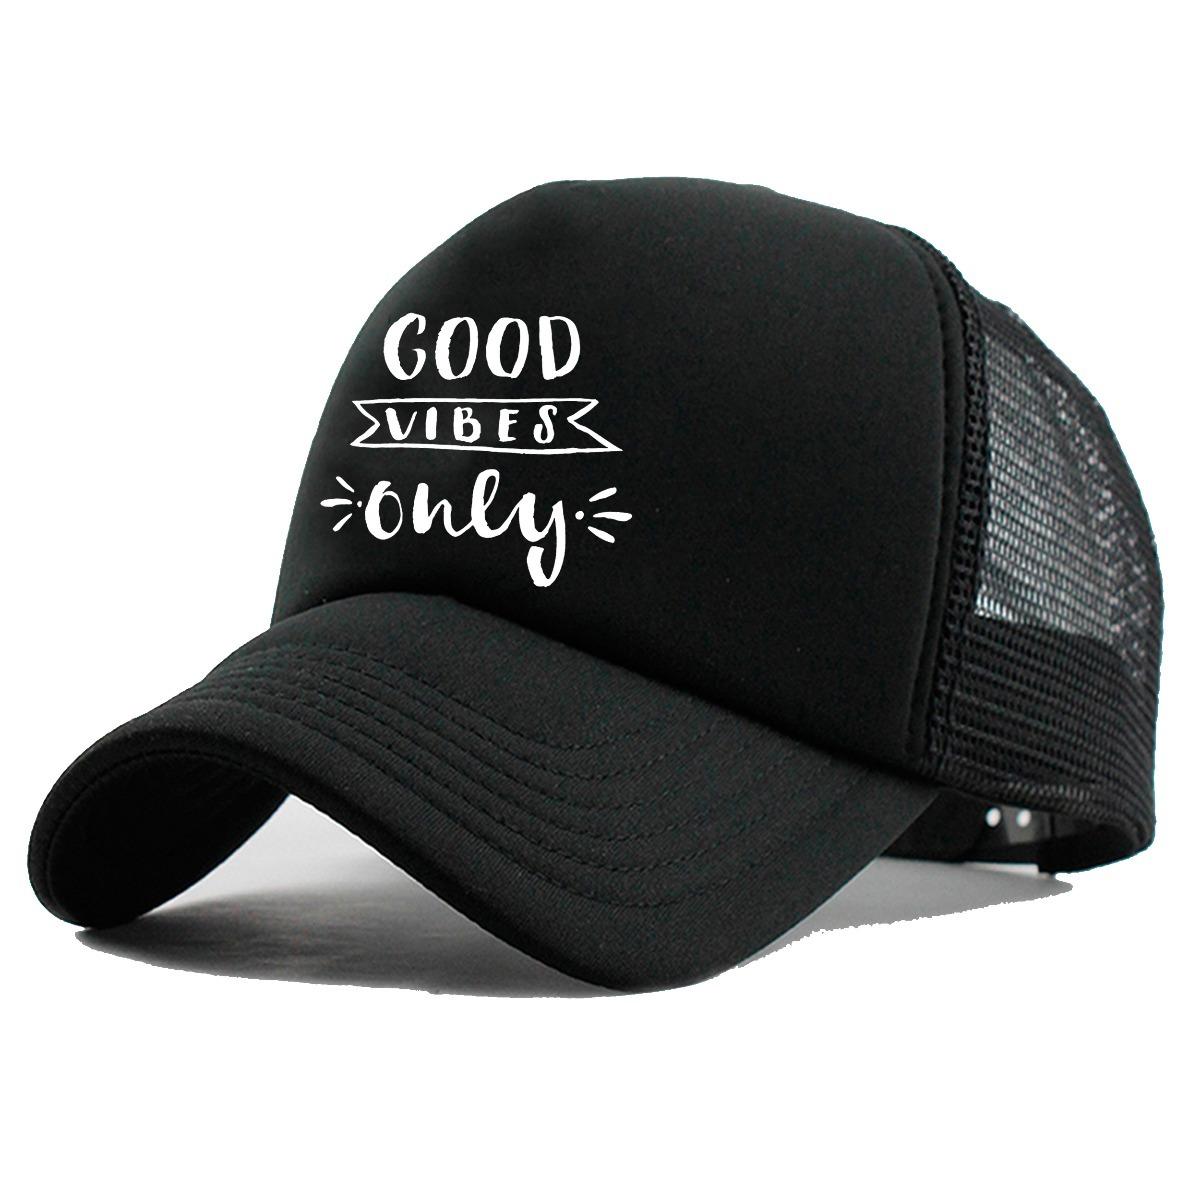 Boné Trucker Good Vibe Tumblr Moda Frases R 3299 Em Mercado Livre